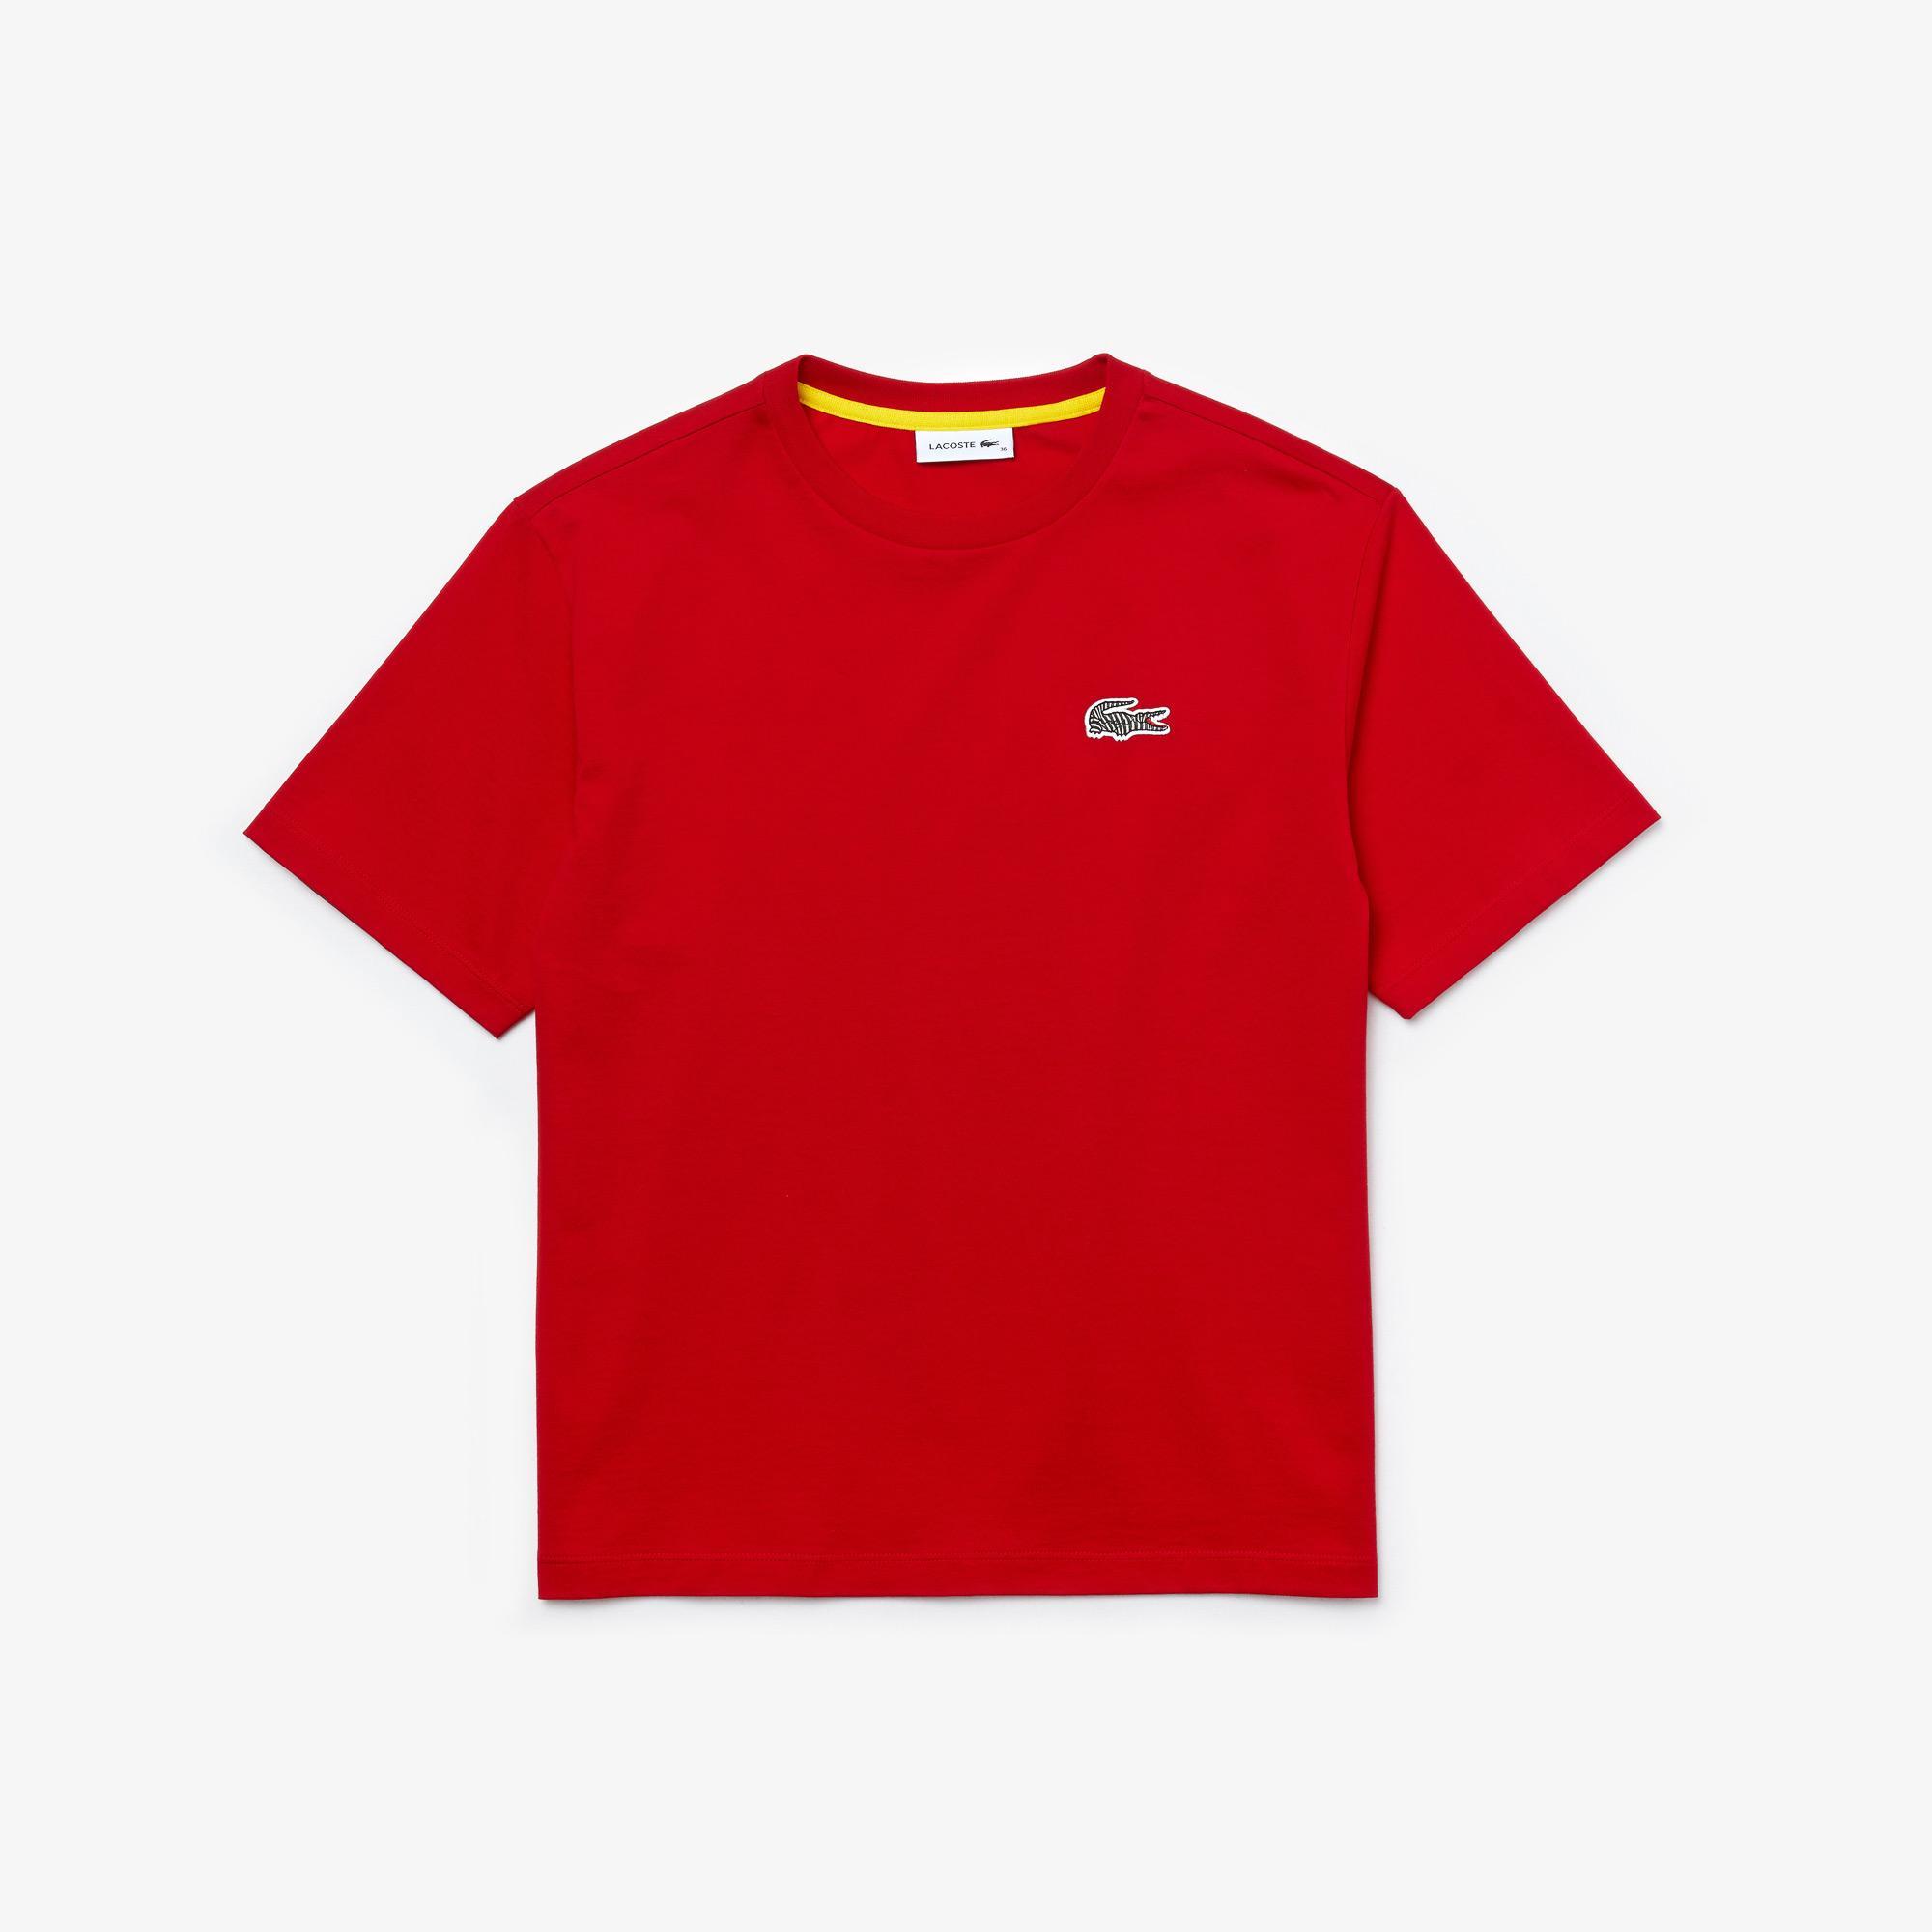 Lacoste x National Geographic X National Geographic Damski T-Shirt Z Bawełny